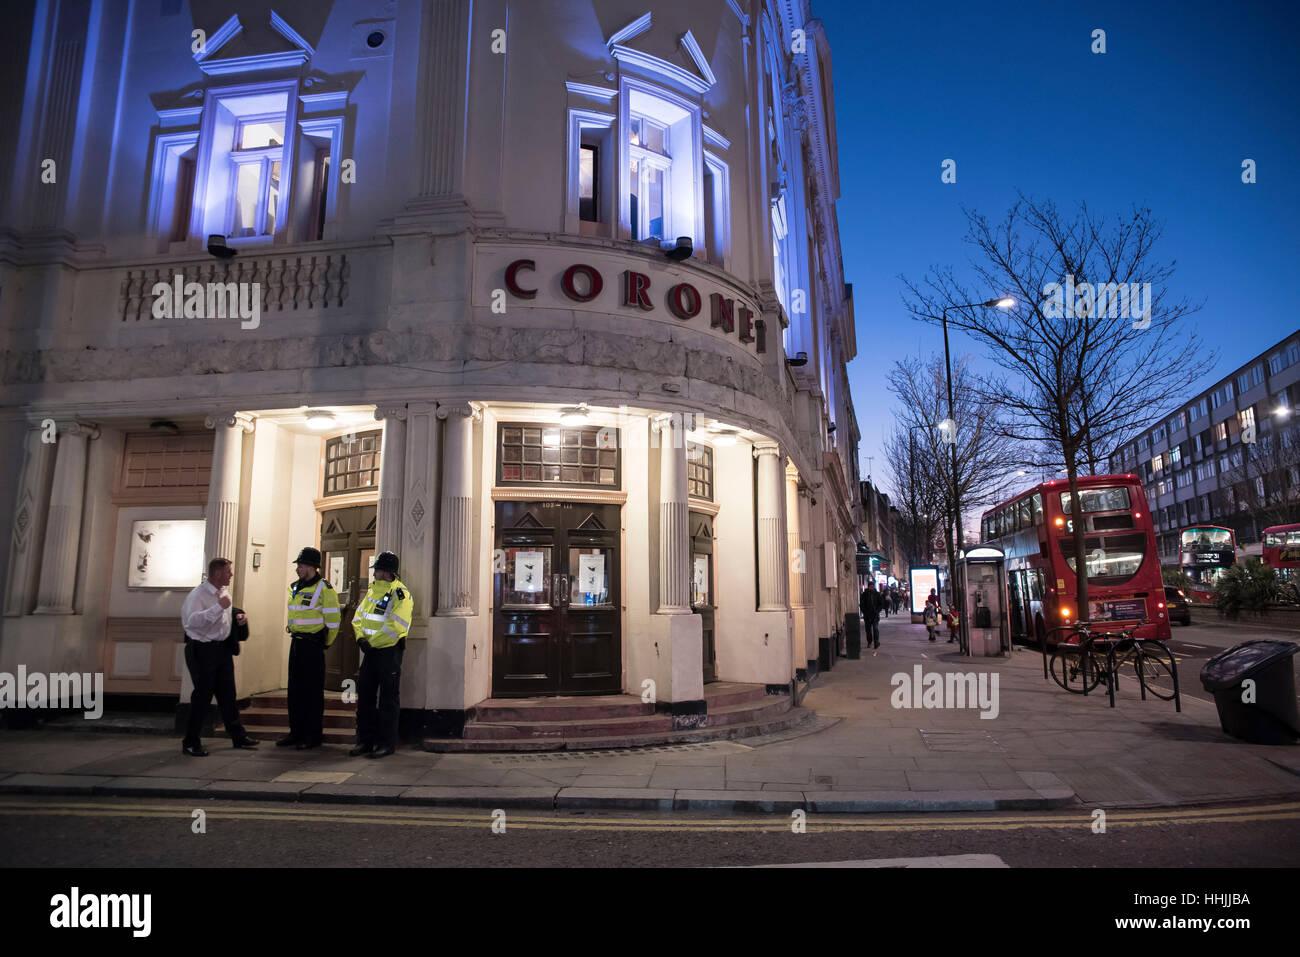 Londres, Reino Unido. 19 ene, 2017. Protesta fuera de Notting Hill's Coronet Theatre. Los manifestantes han acusado Foto de stock